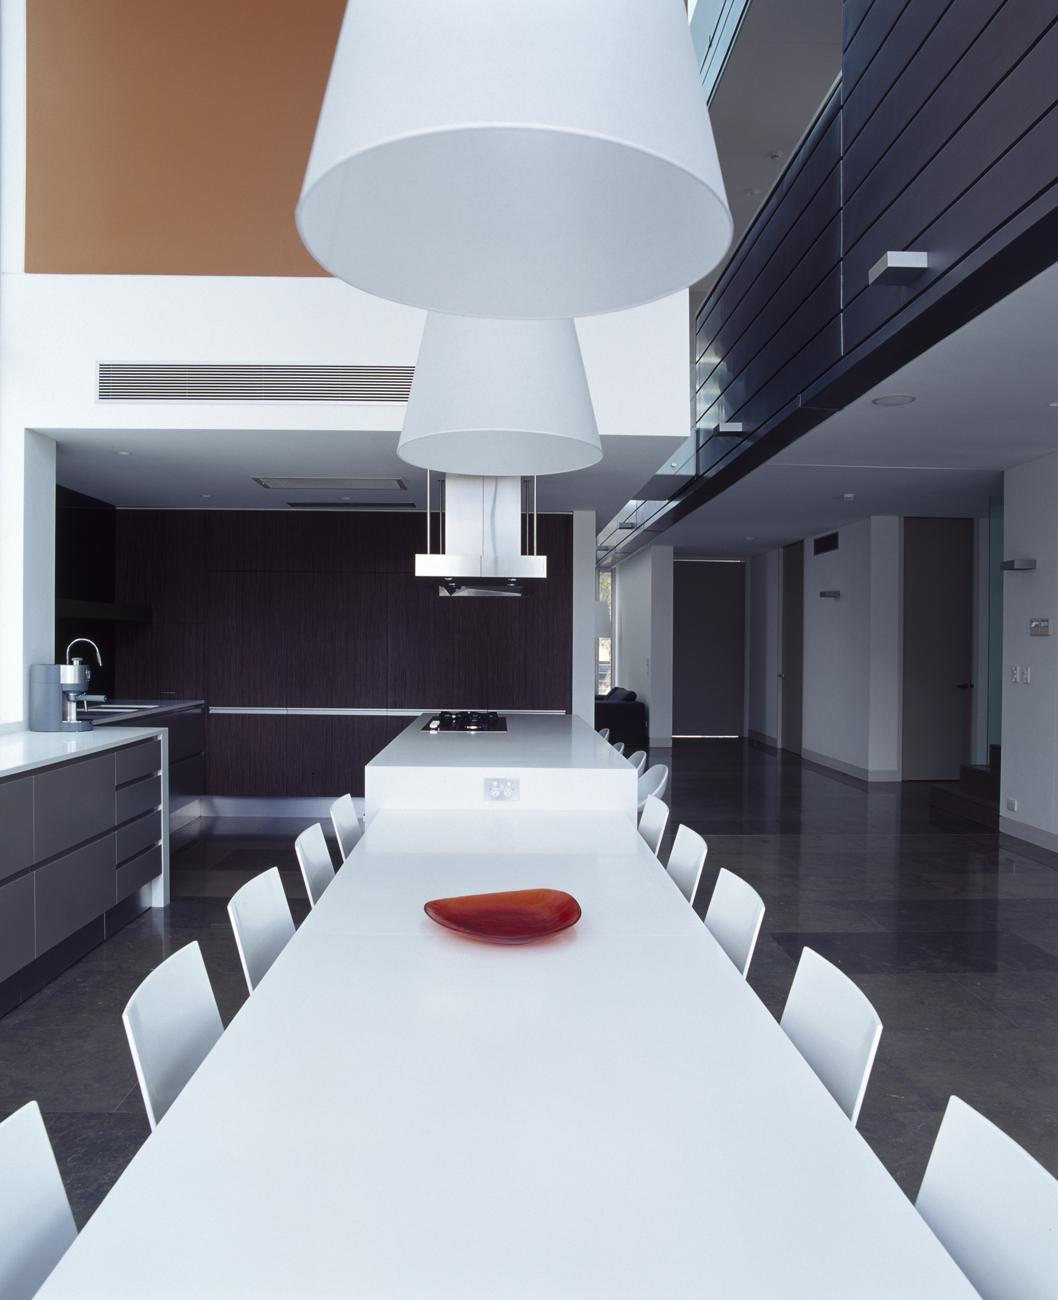 Minosa Minosa Kitchen Design Award Winning Design And